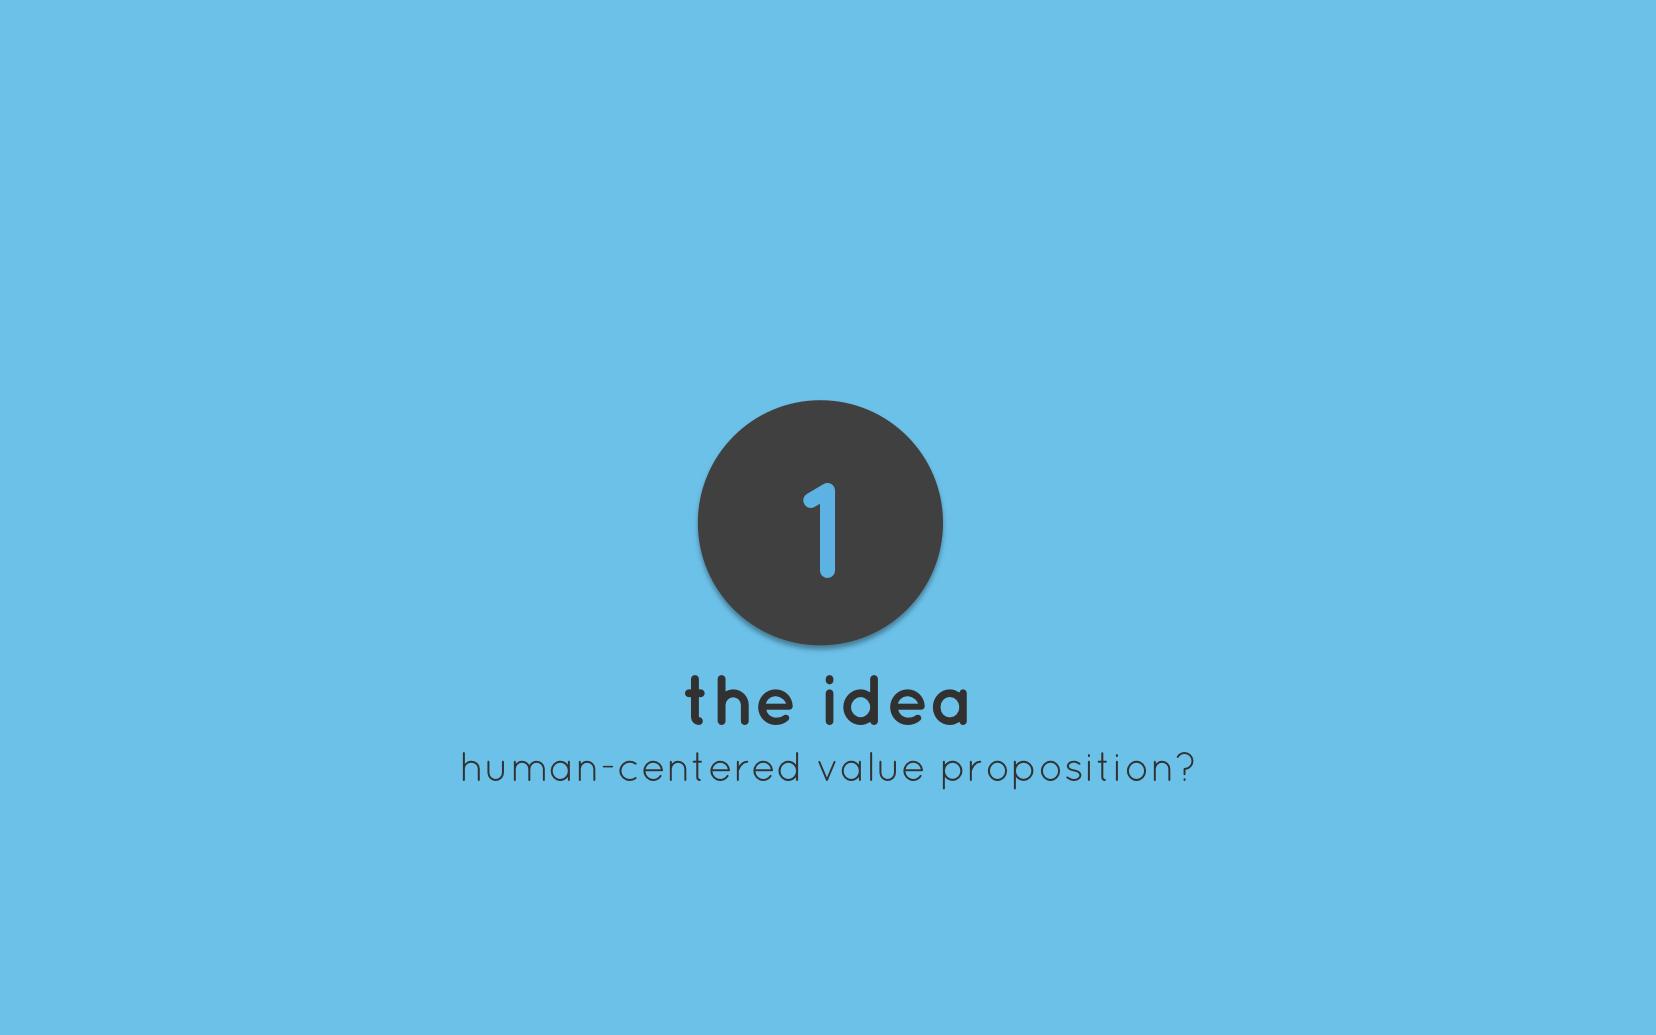 human-centered entrepreneurship